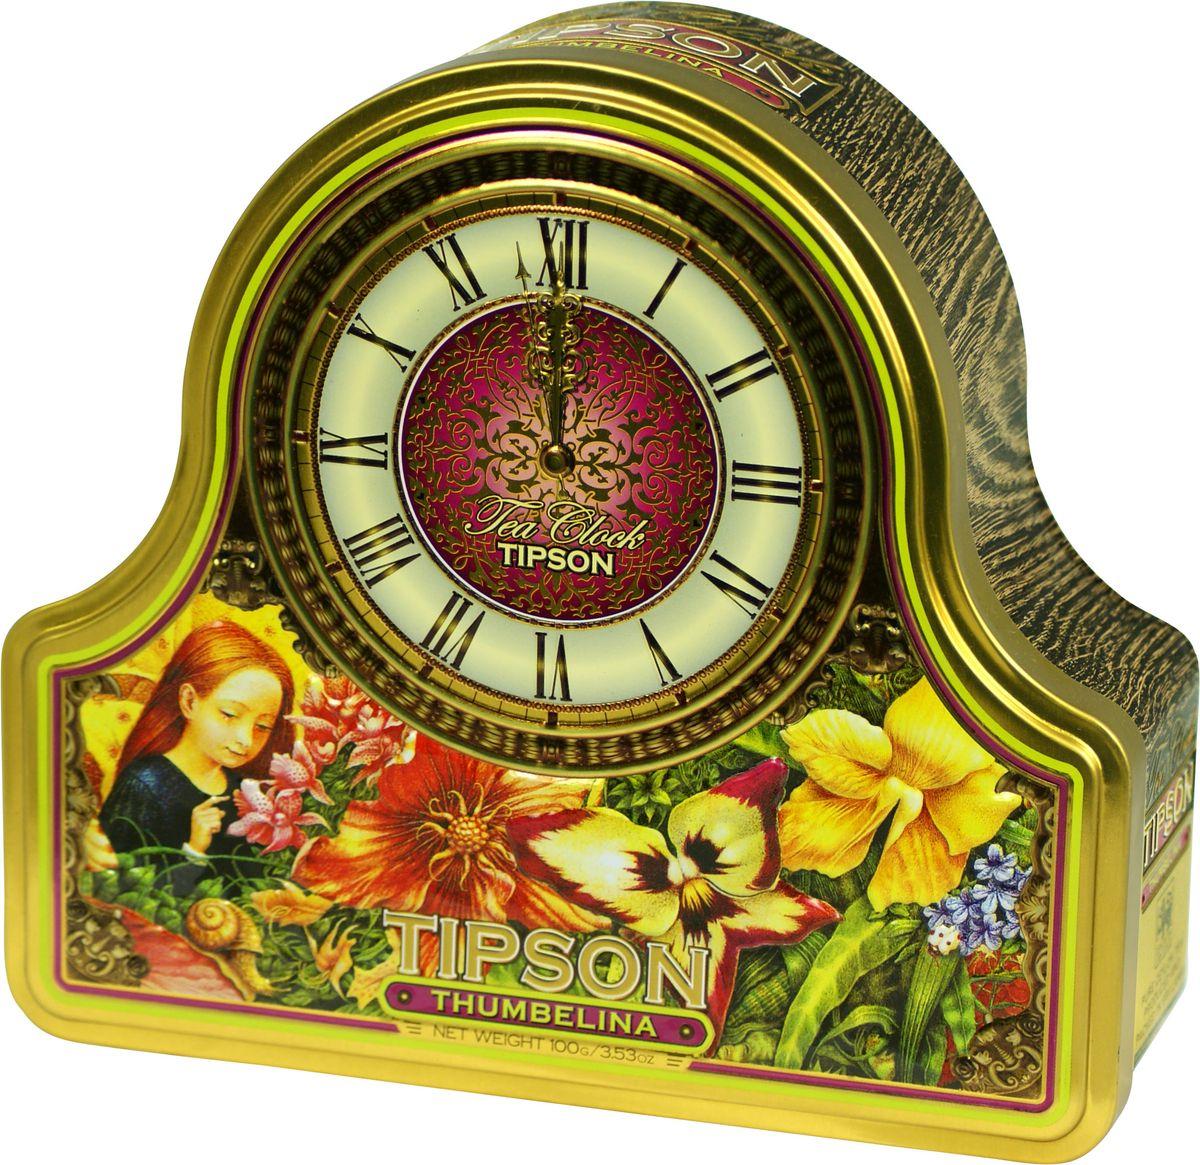 Tipson Thumbelina черный листовой чай, 100 г (жестяная банка)80089-00Чай Tipson Tea Clock Thumbelina представляет собой черный чай с ароматом персика и корицы в красивой жестяной банке в форме часов. Упаковка содержит первоклассный крупнолистовой цейлонский чай с добавками, выращенный и обработанный на солнечных чайных плантациях острова Цейлон. Чайный купаж Tipson Tea Clock Thumbelina был тщательно сбалансирован, а его качество подтверждено многочисленными проверками в лаборатории.